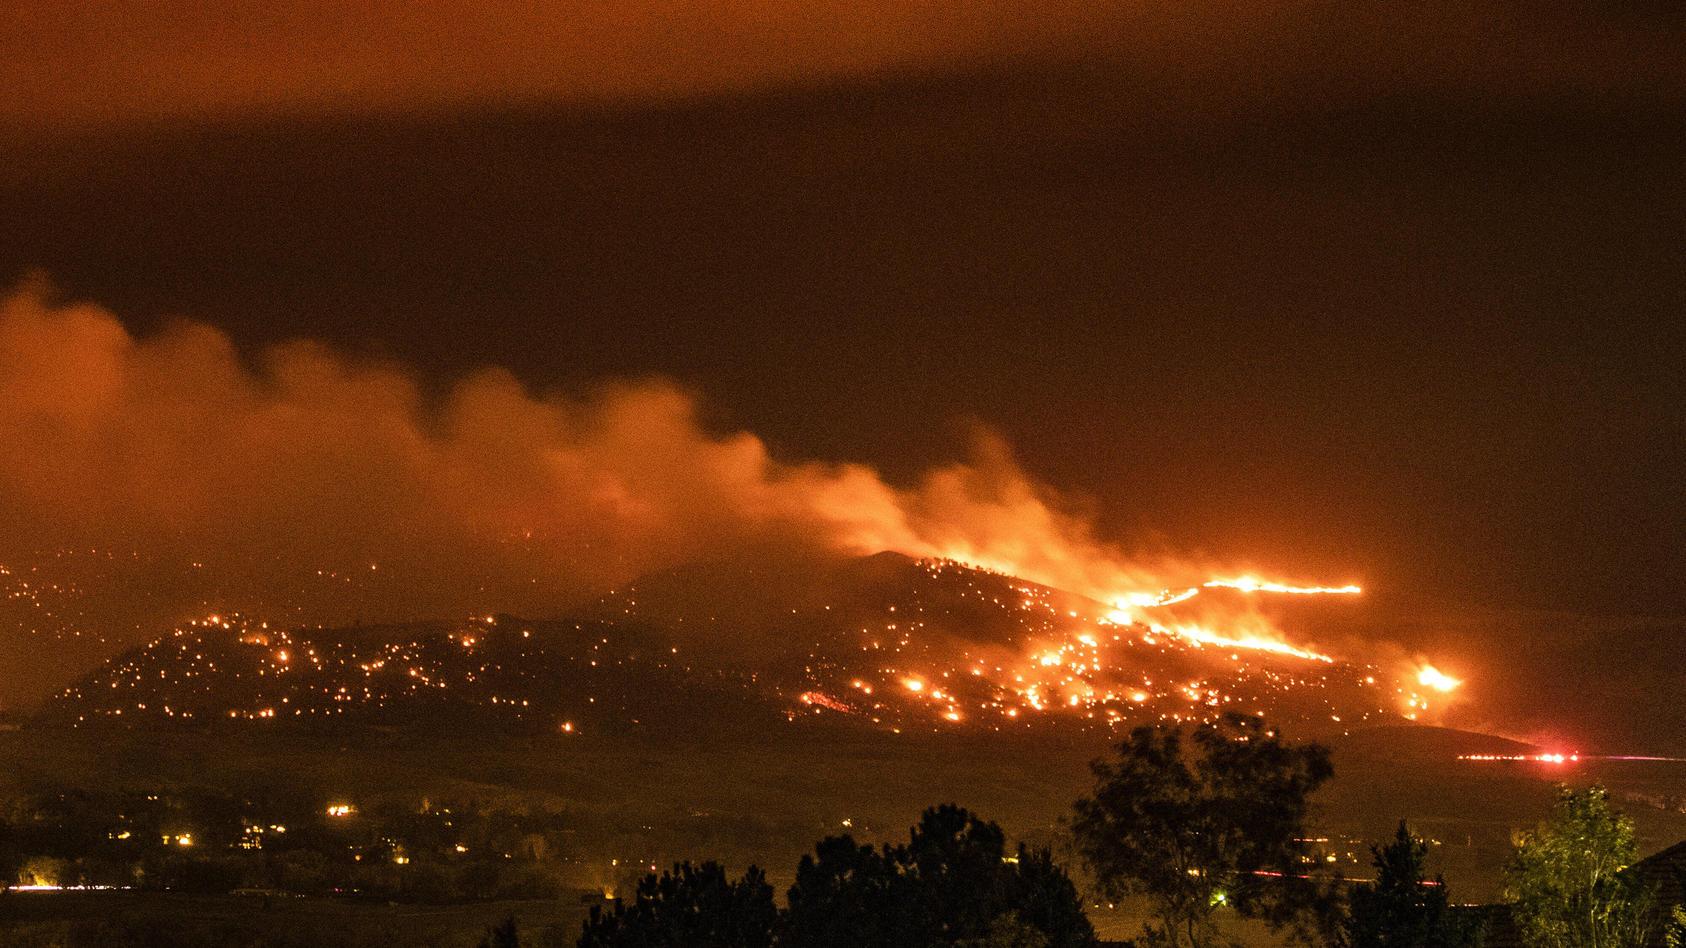 Ein Waldbrand in Colorado hat sich über Nacht rasant ausgebreitet und zum viertgrößten Feuer in der Geschichte des US-Bundesstaats entwickelt.